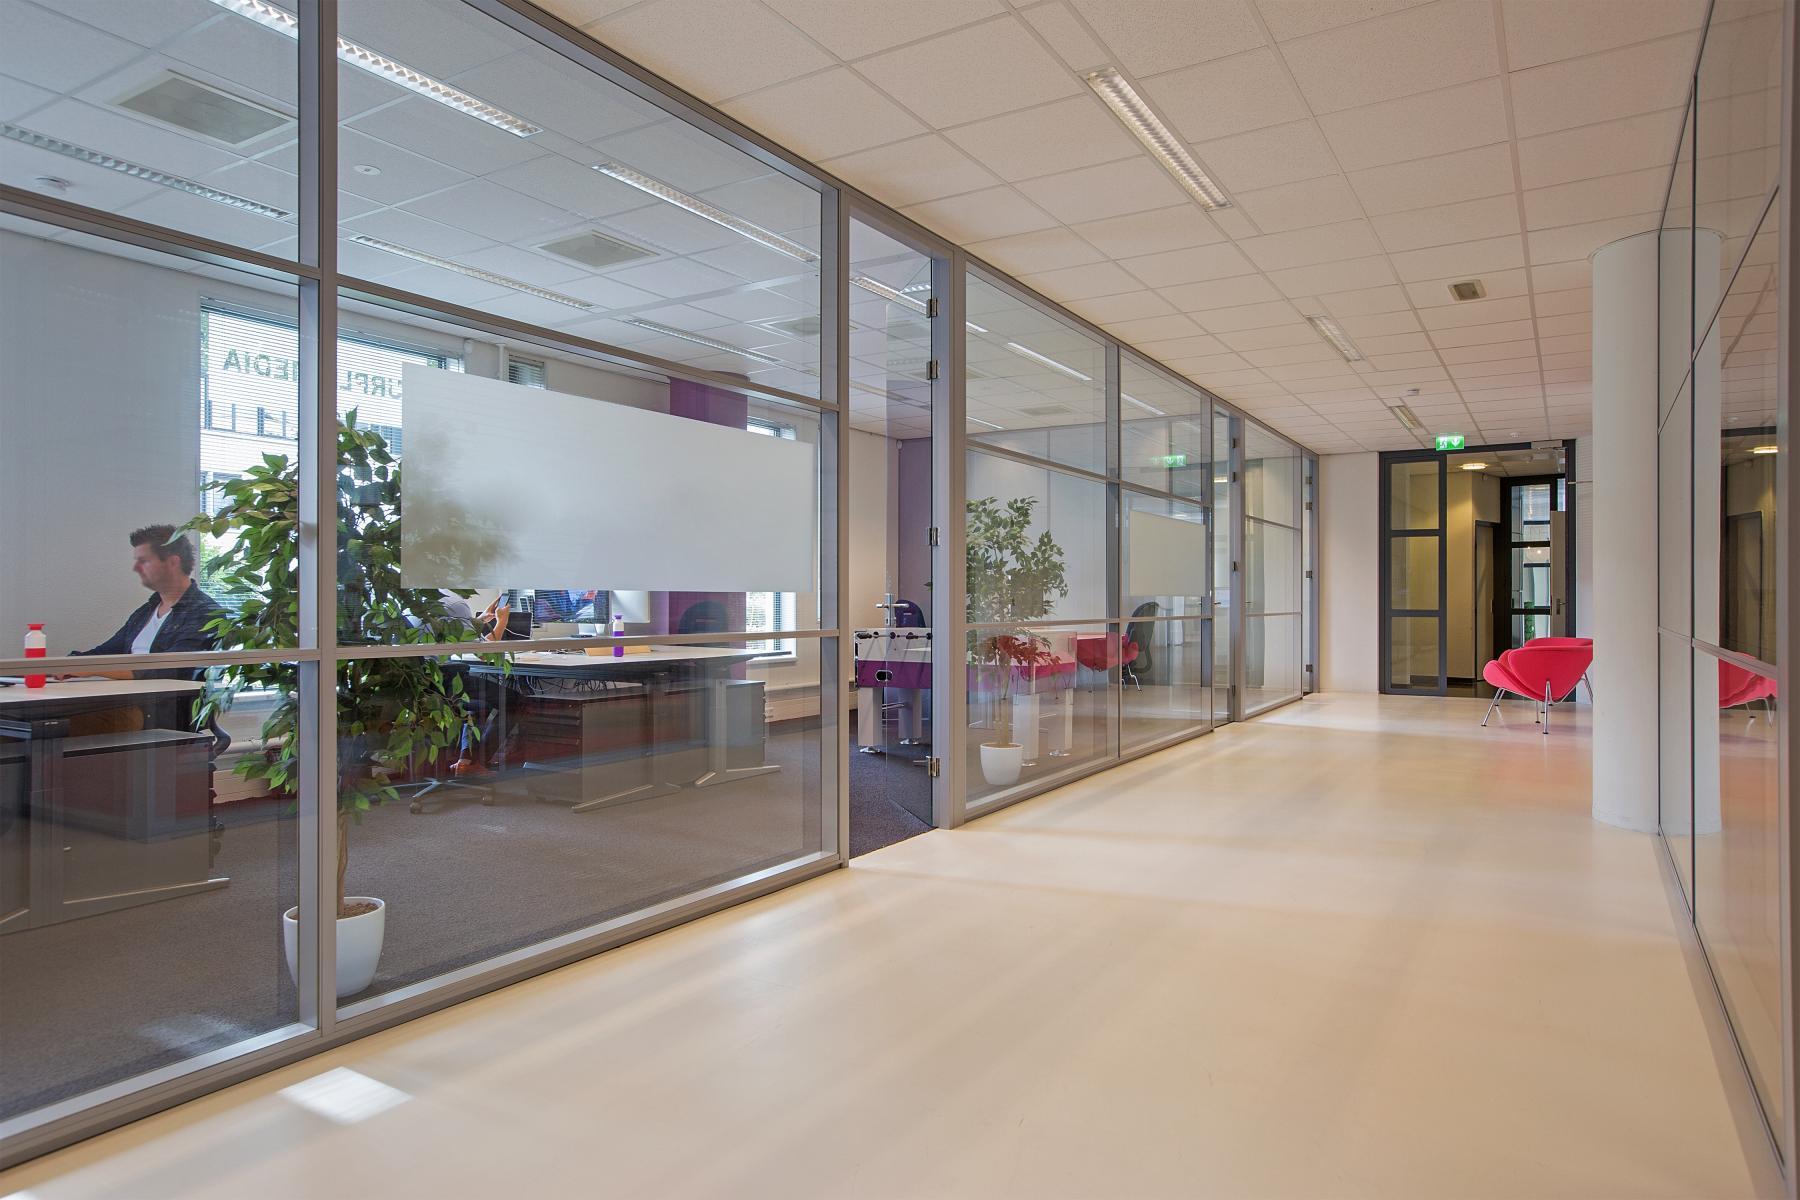 rolstoeltoegankelijke kantoorunits huren aan amalialaan in baarn met rolstoeltoegankelijkheid